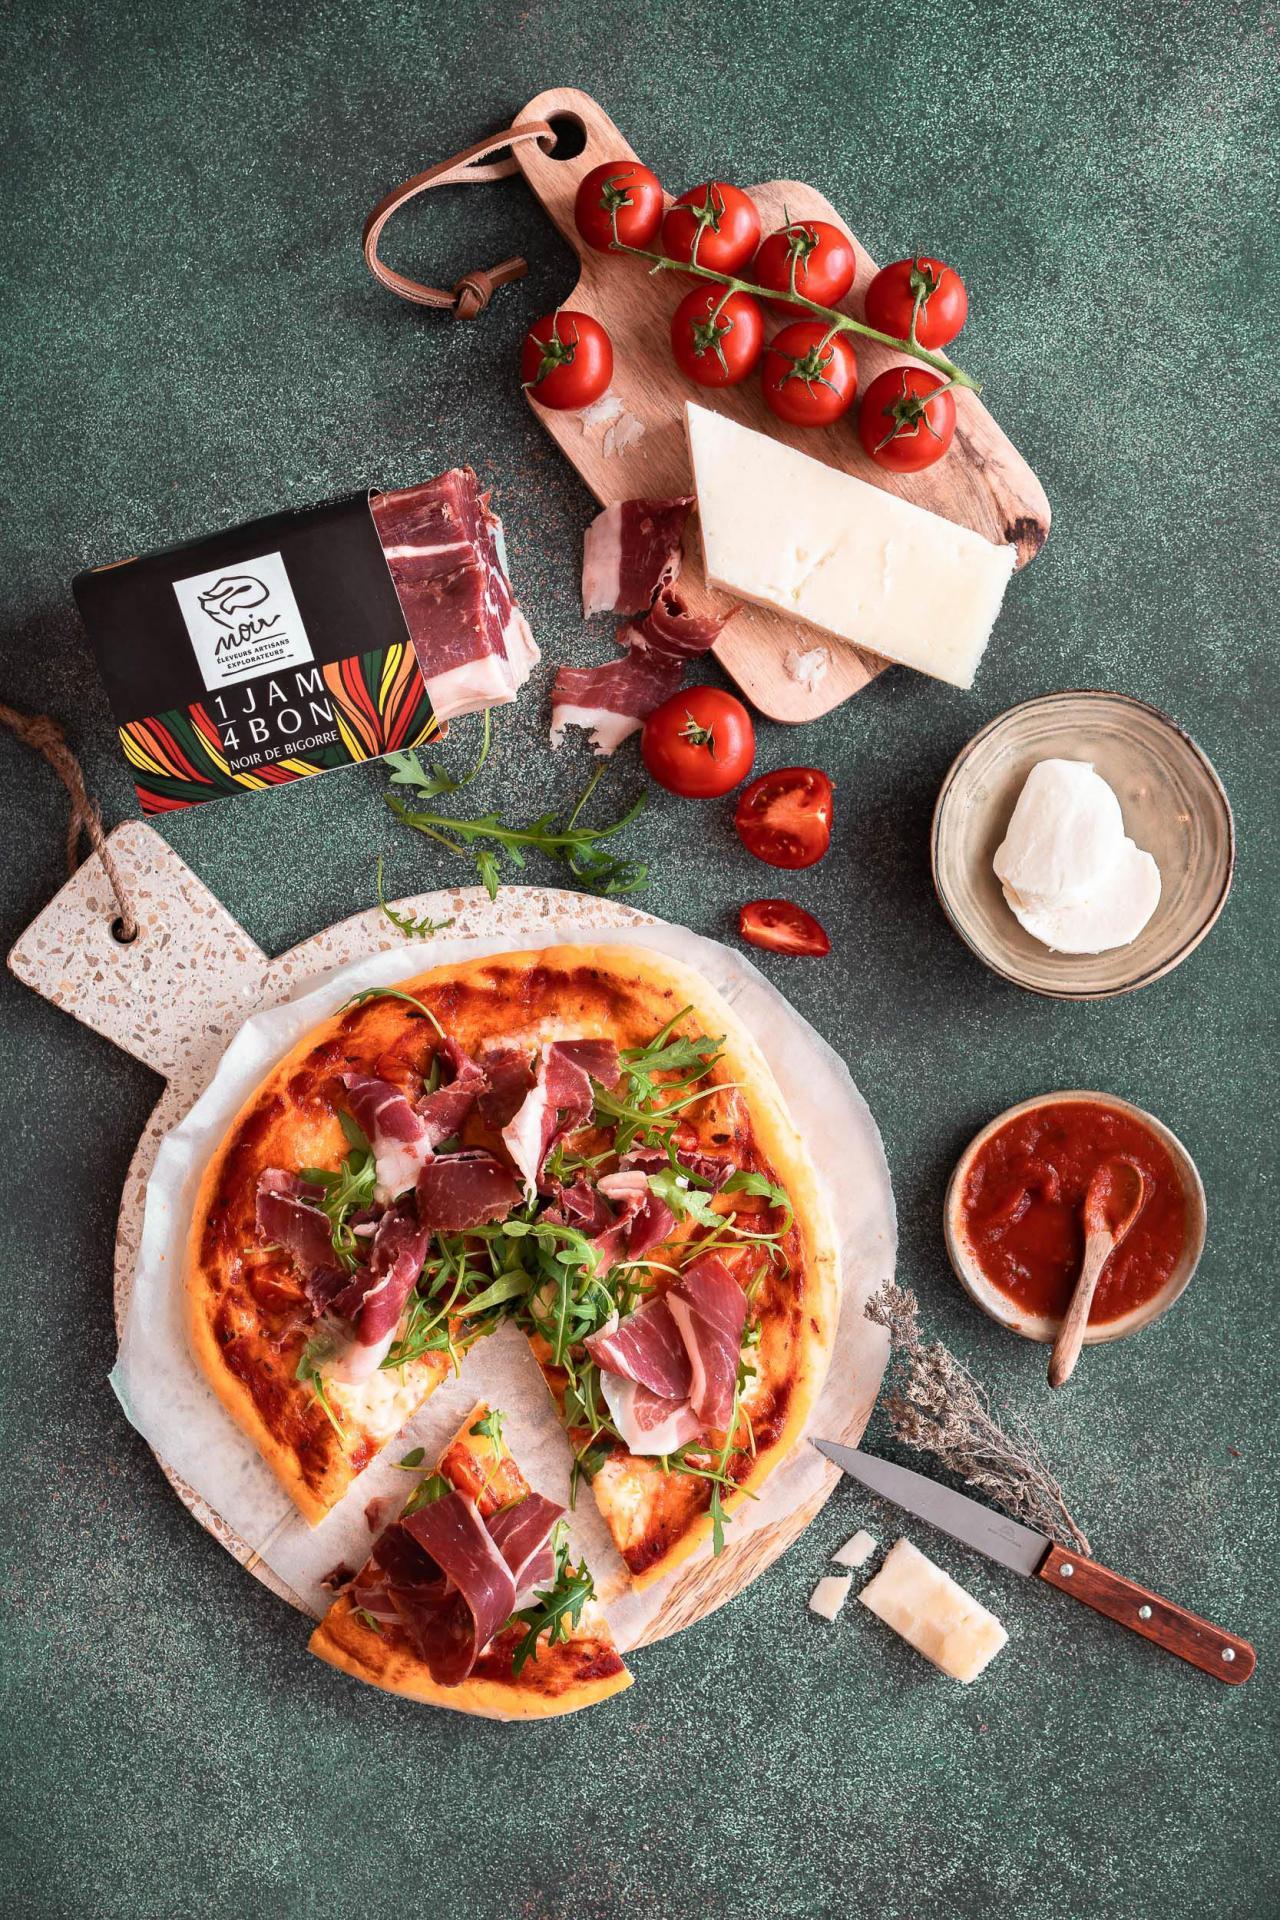 Photographe recette pizza publicite noir de bigorre dax landes